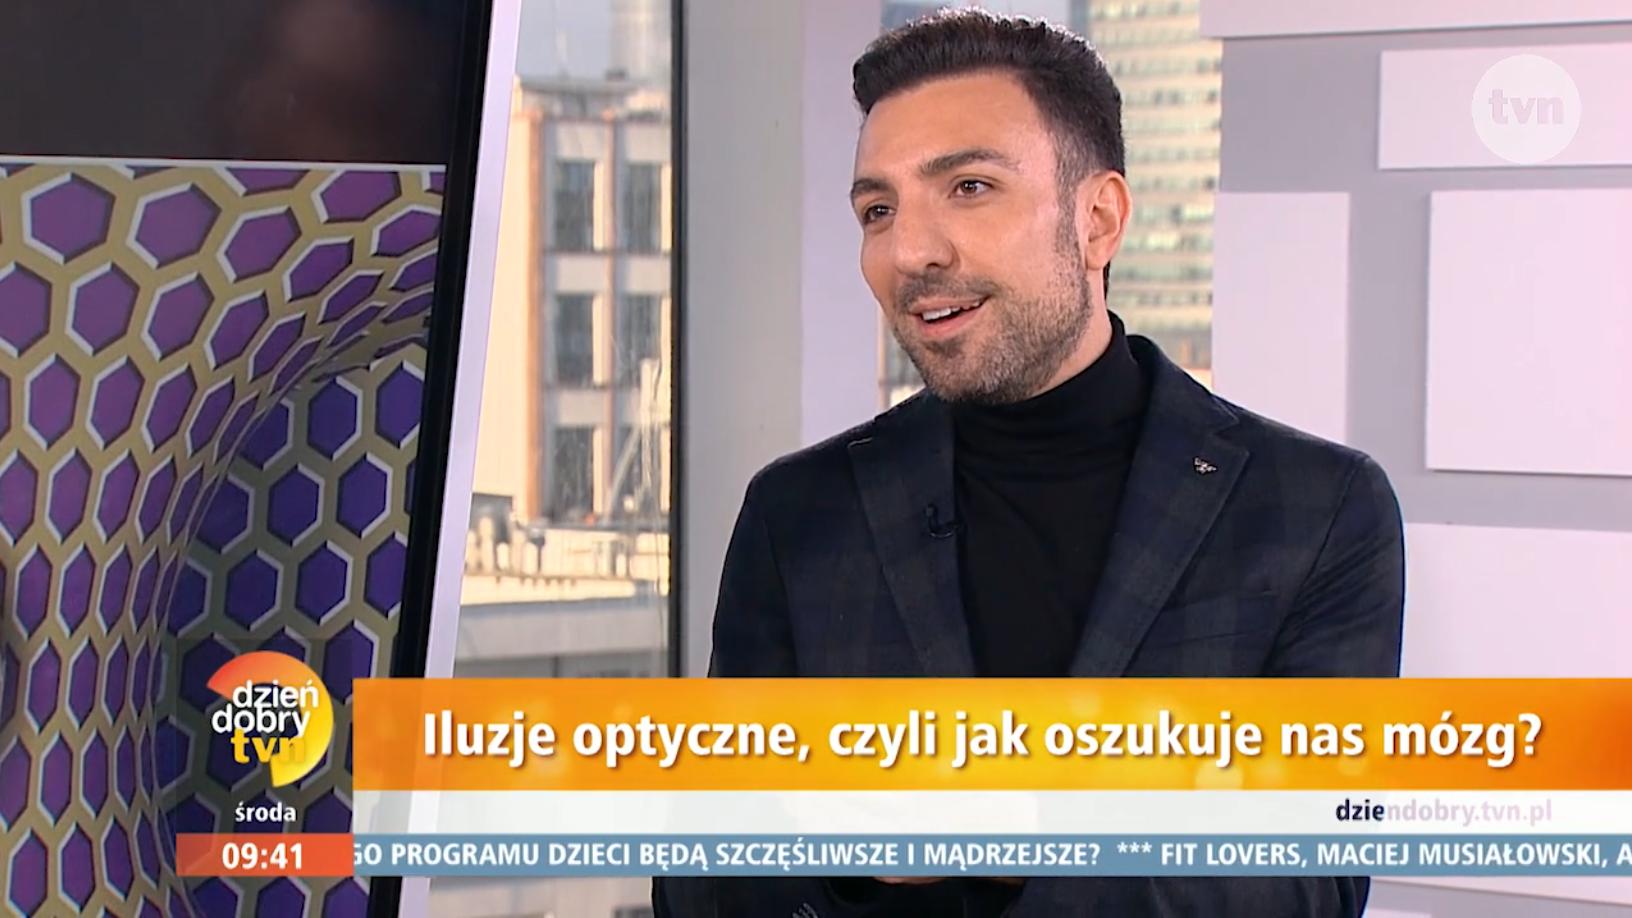 Dzień Dobry TVN, Armen Mekhakyan, Iluzje optyczne, czyli jak oszukuje nas mózg?